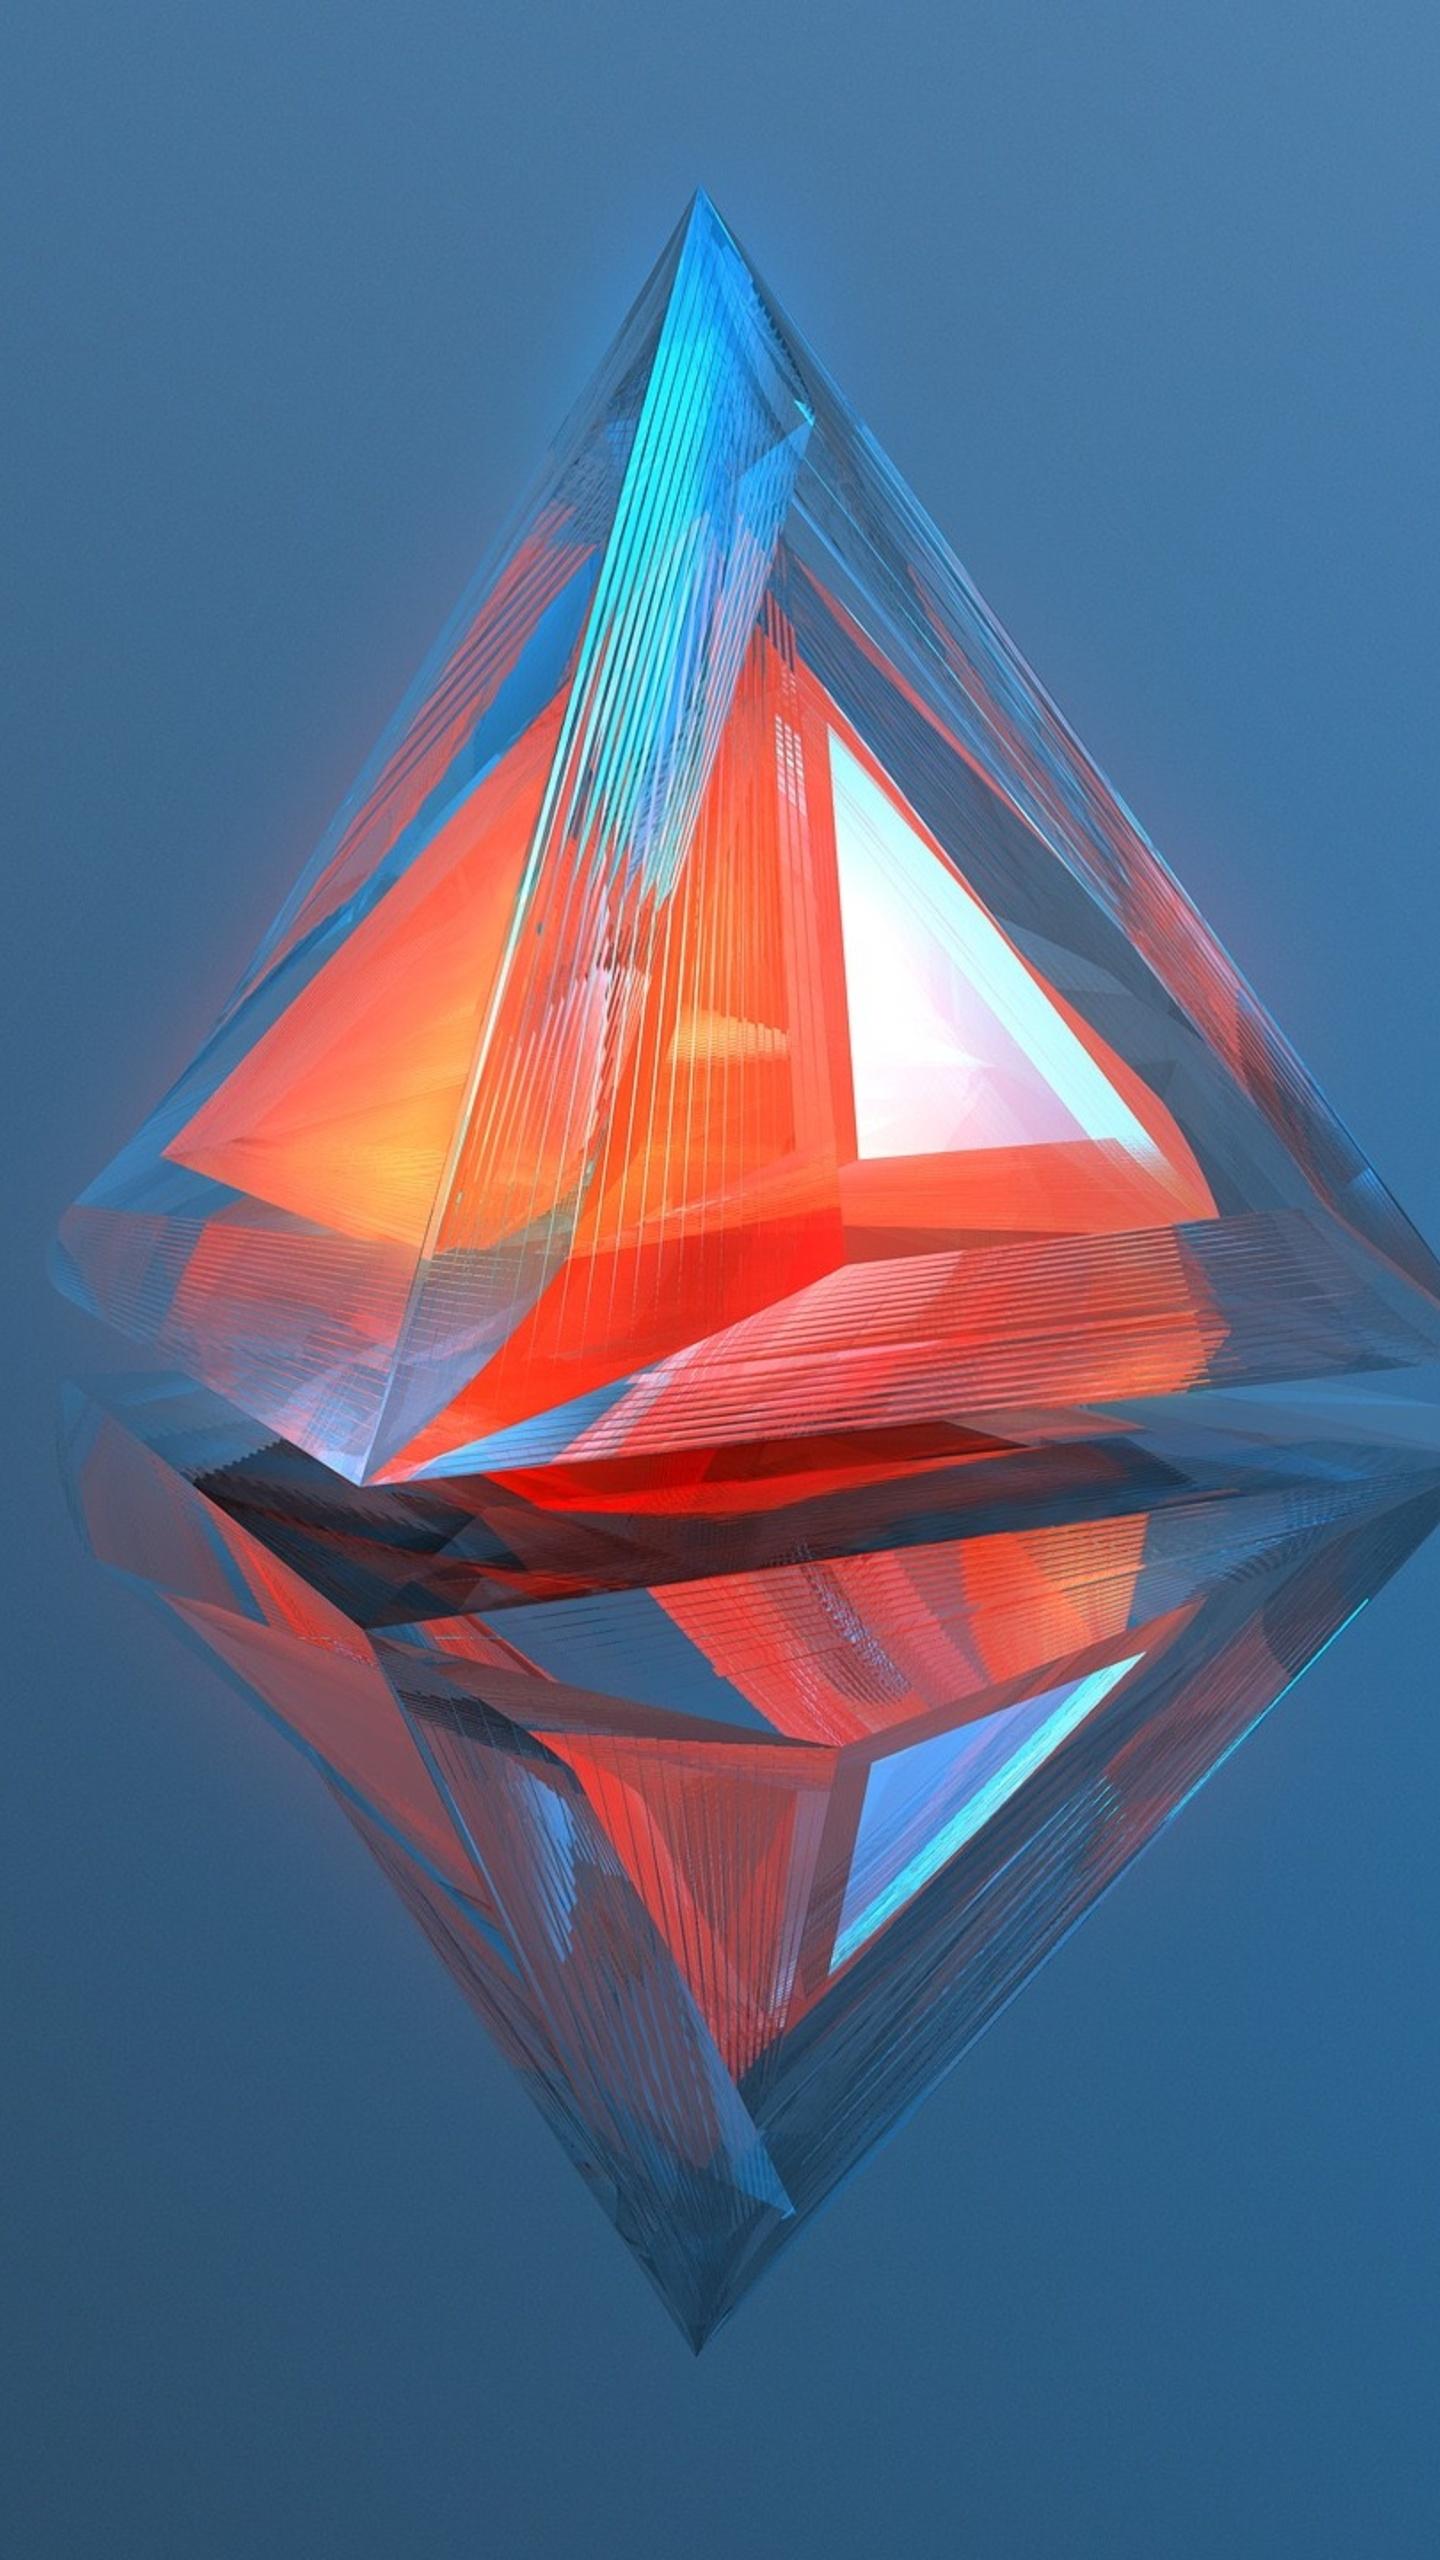 1440x2560 Triangle Geometry 3d Digital Art Samsung Galaxy S6